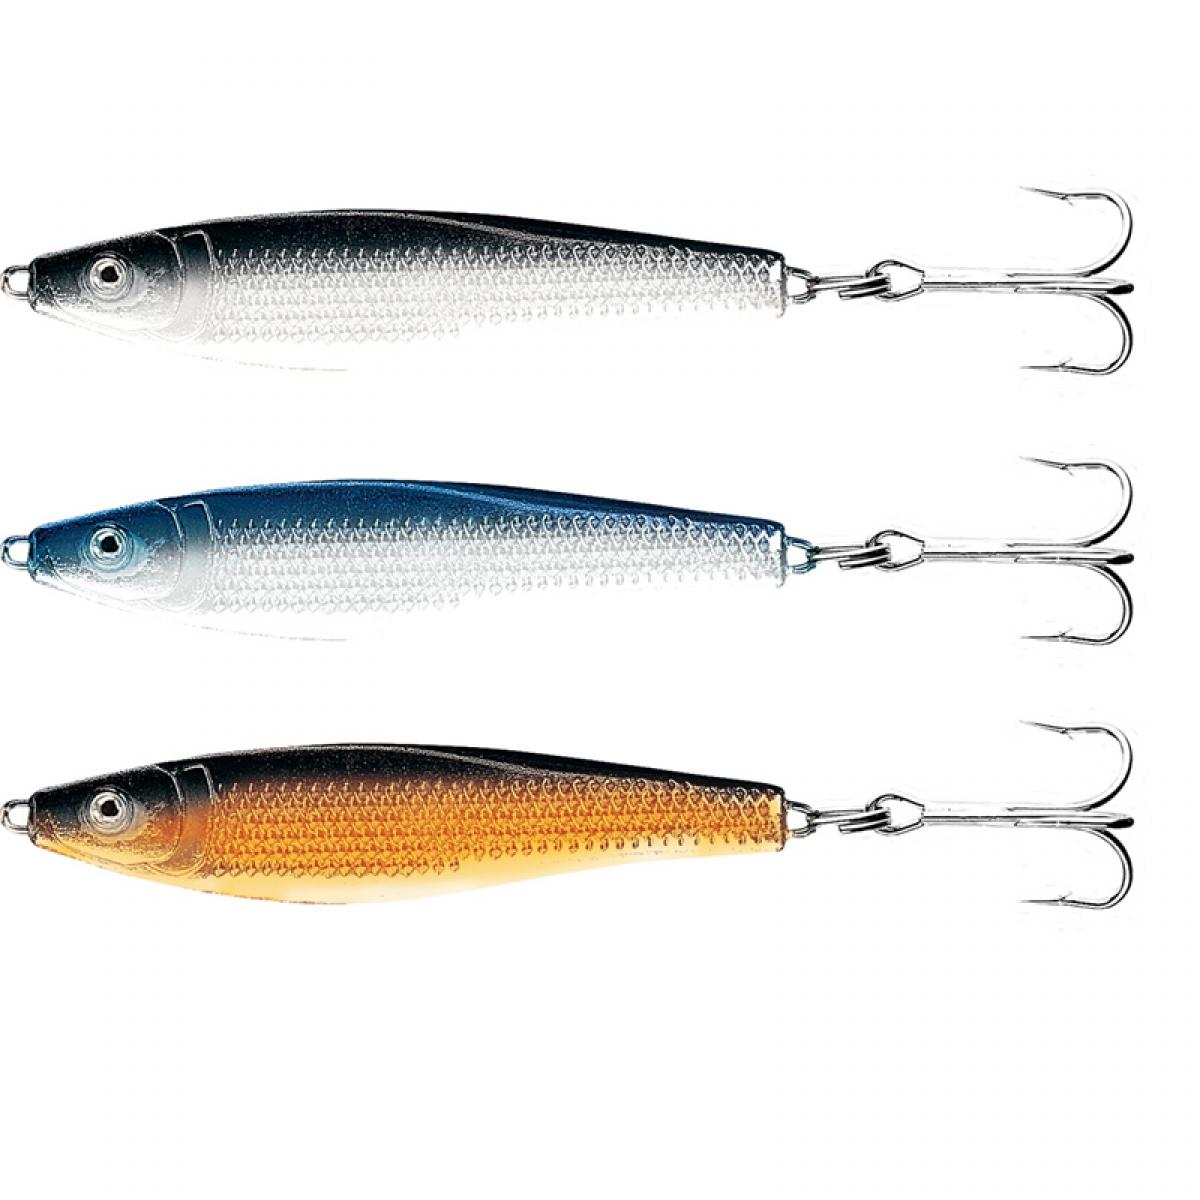 Norway pilker 200 g boddenangler fishing tackle online store for Fishing tackle online